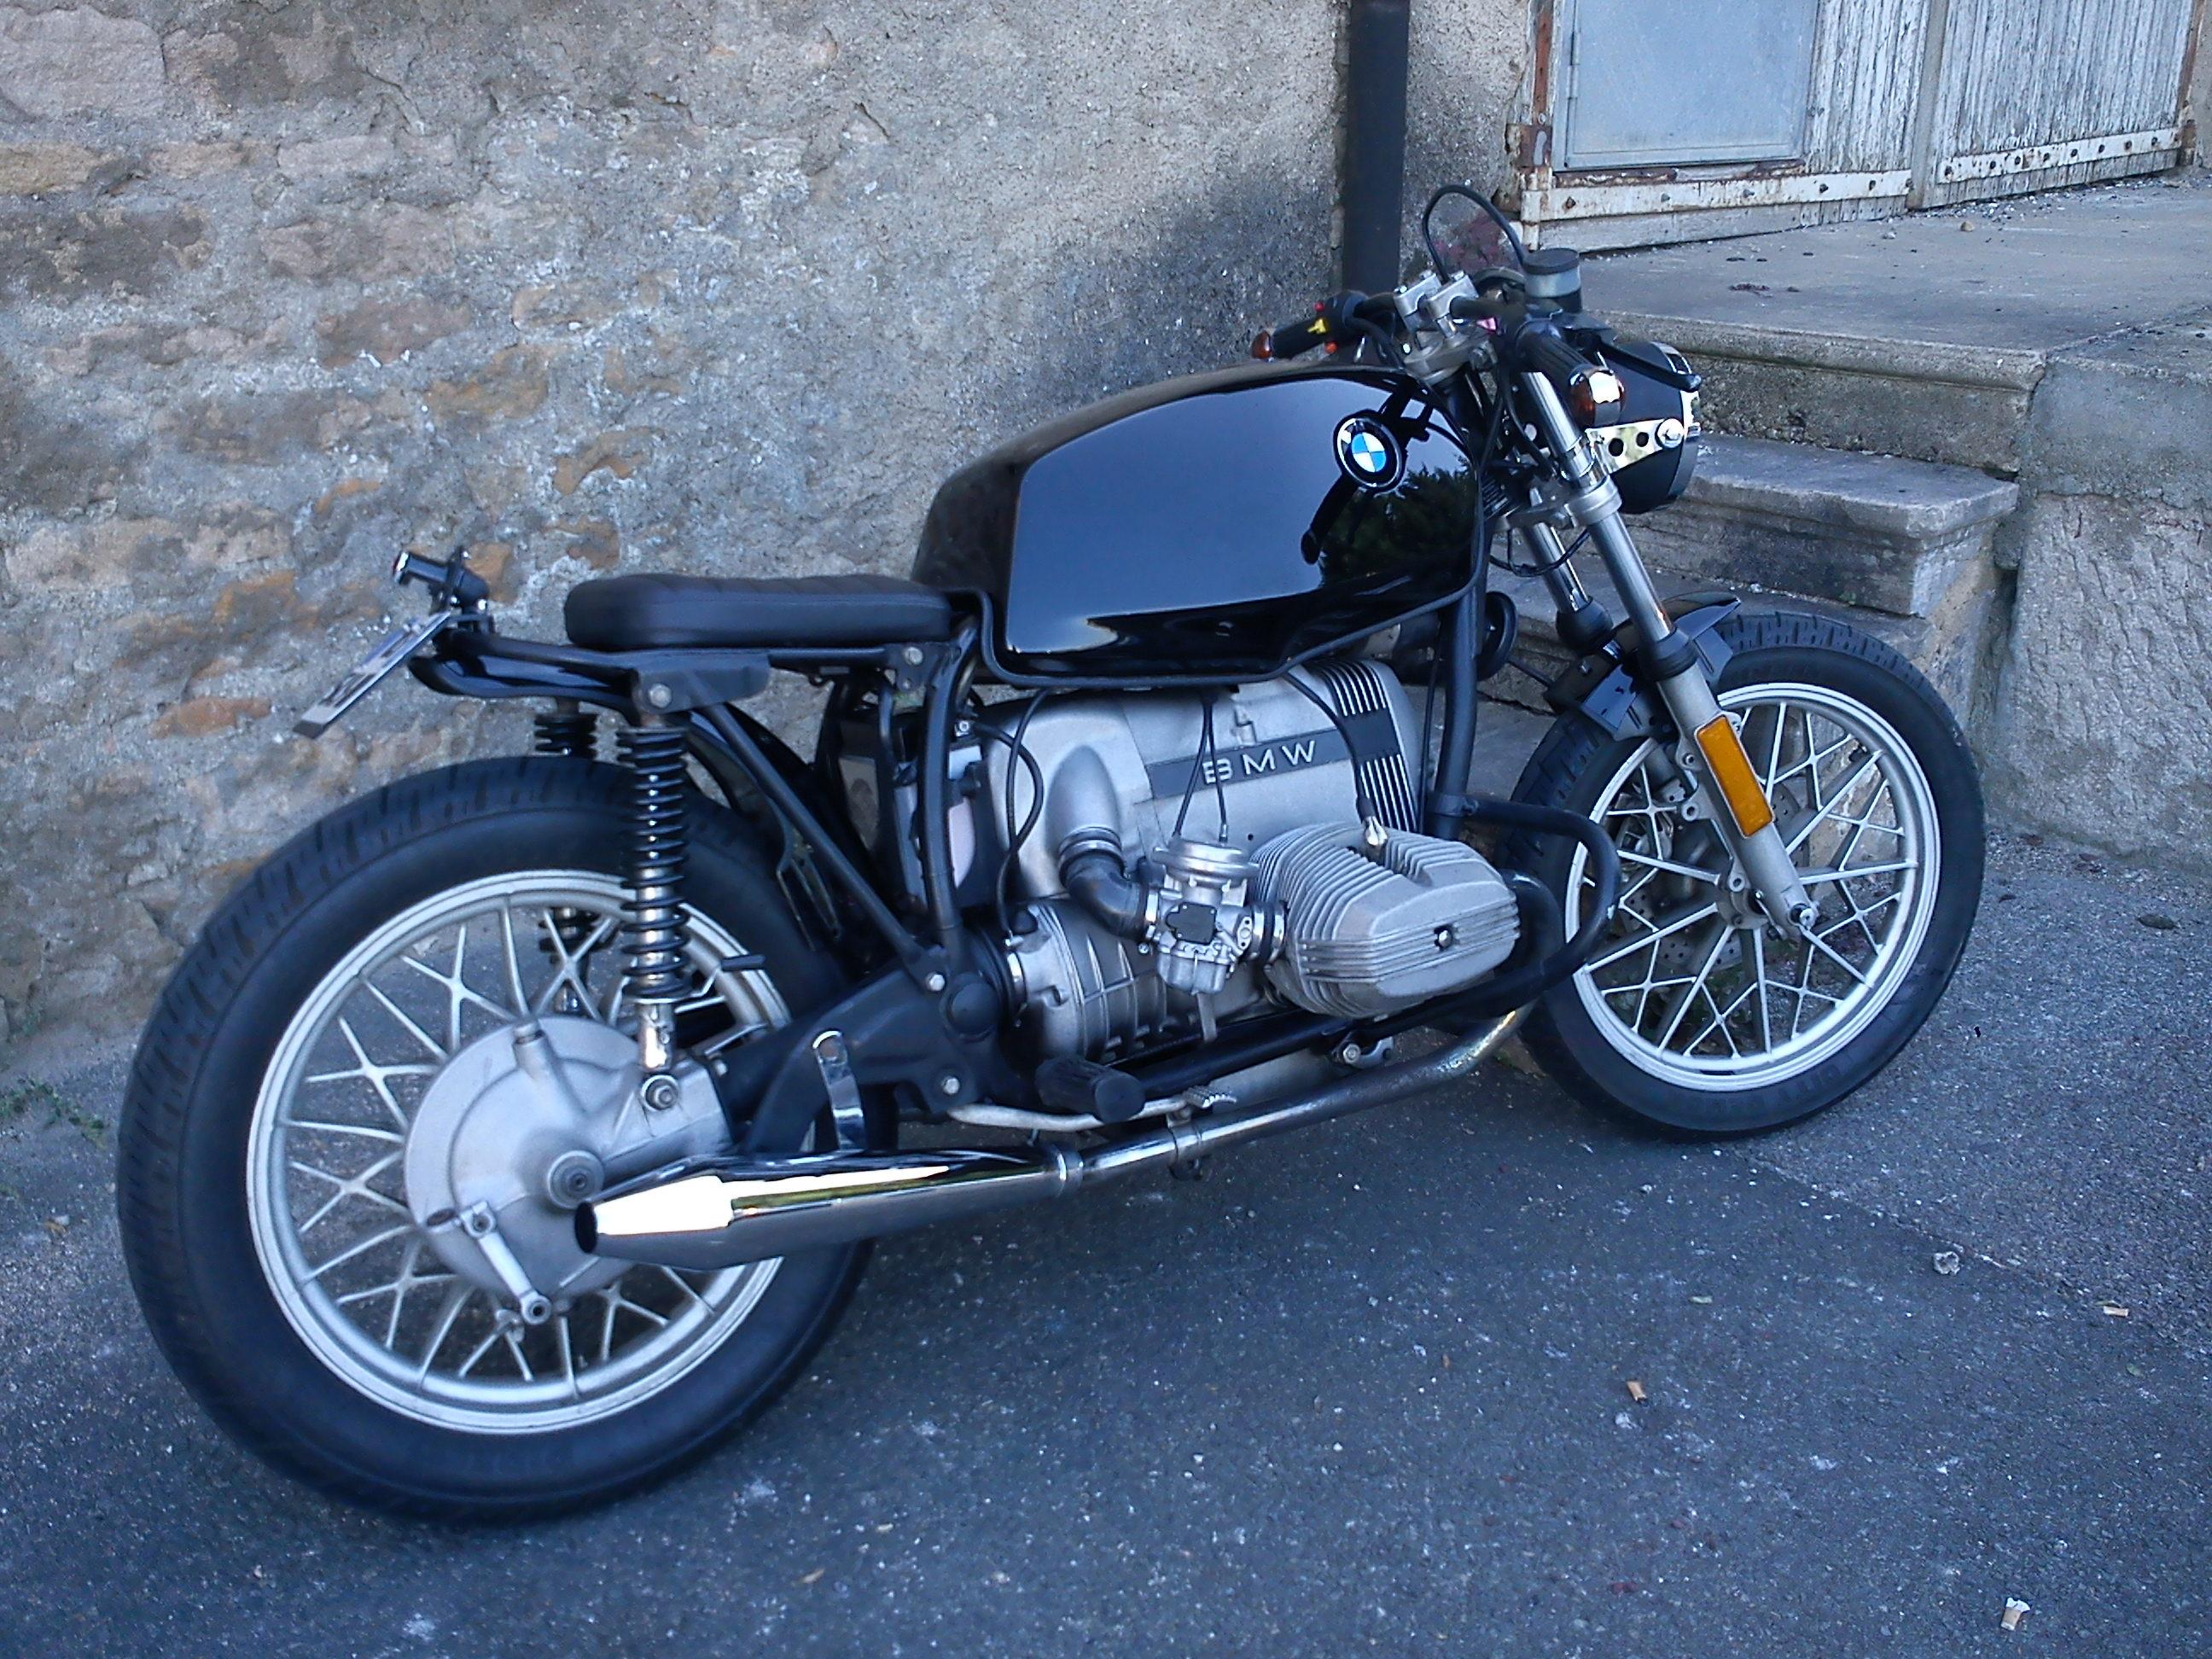 bmw r65 cafe racer occasion id es d 39 image de moto. Black Bedroom Furniture Sets. Home Design Ideas